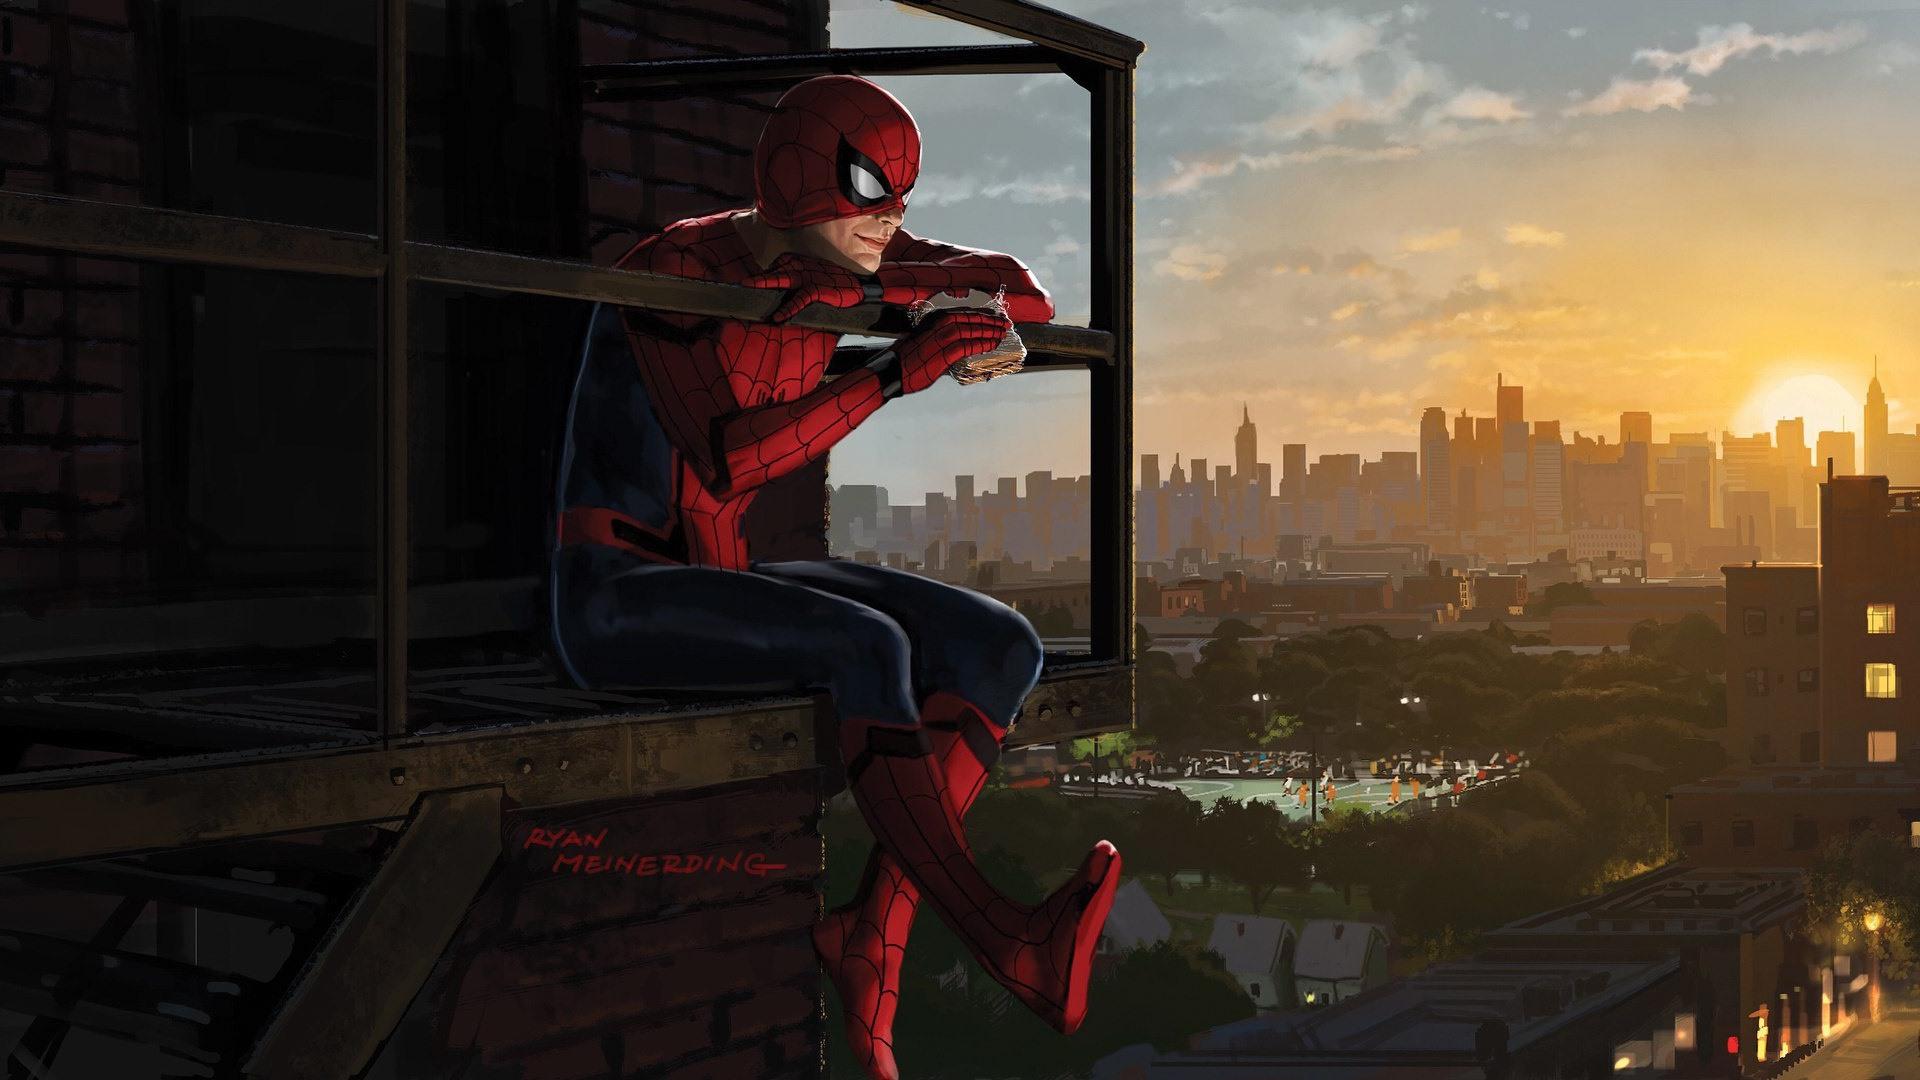 Fondos De Pantalla Spider Man Eat Sandwich Ciudad Imagen